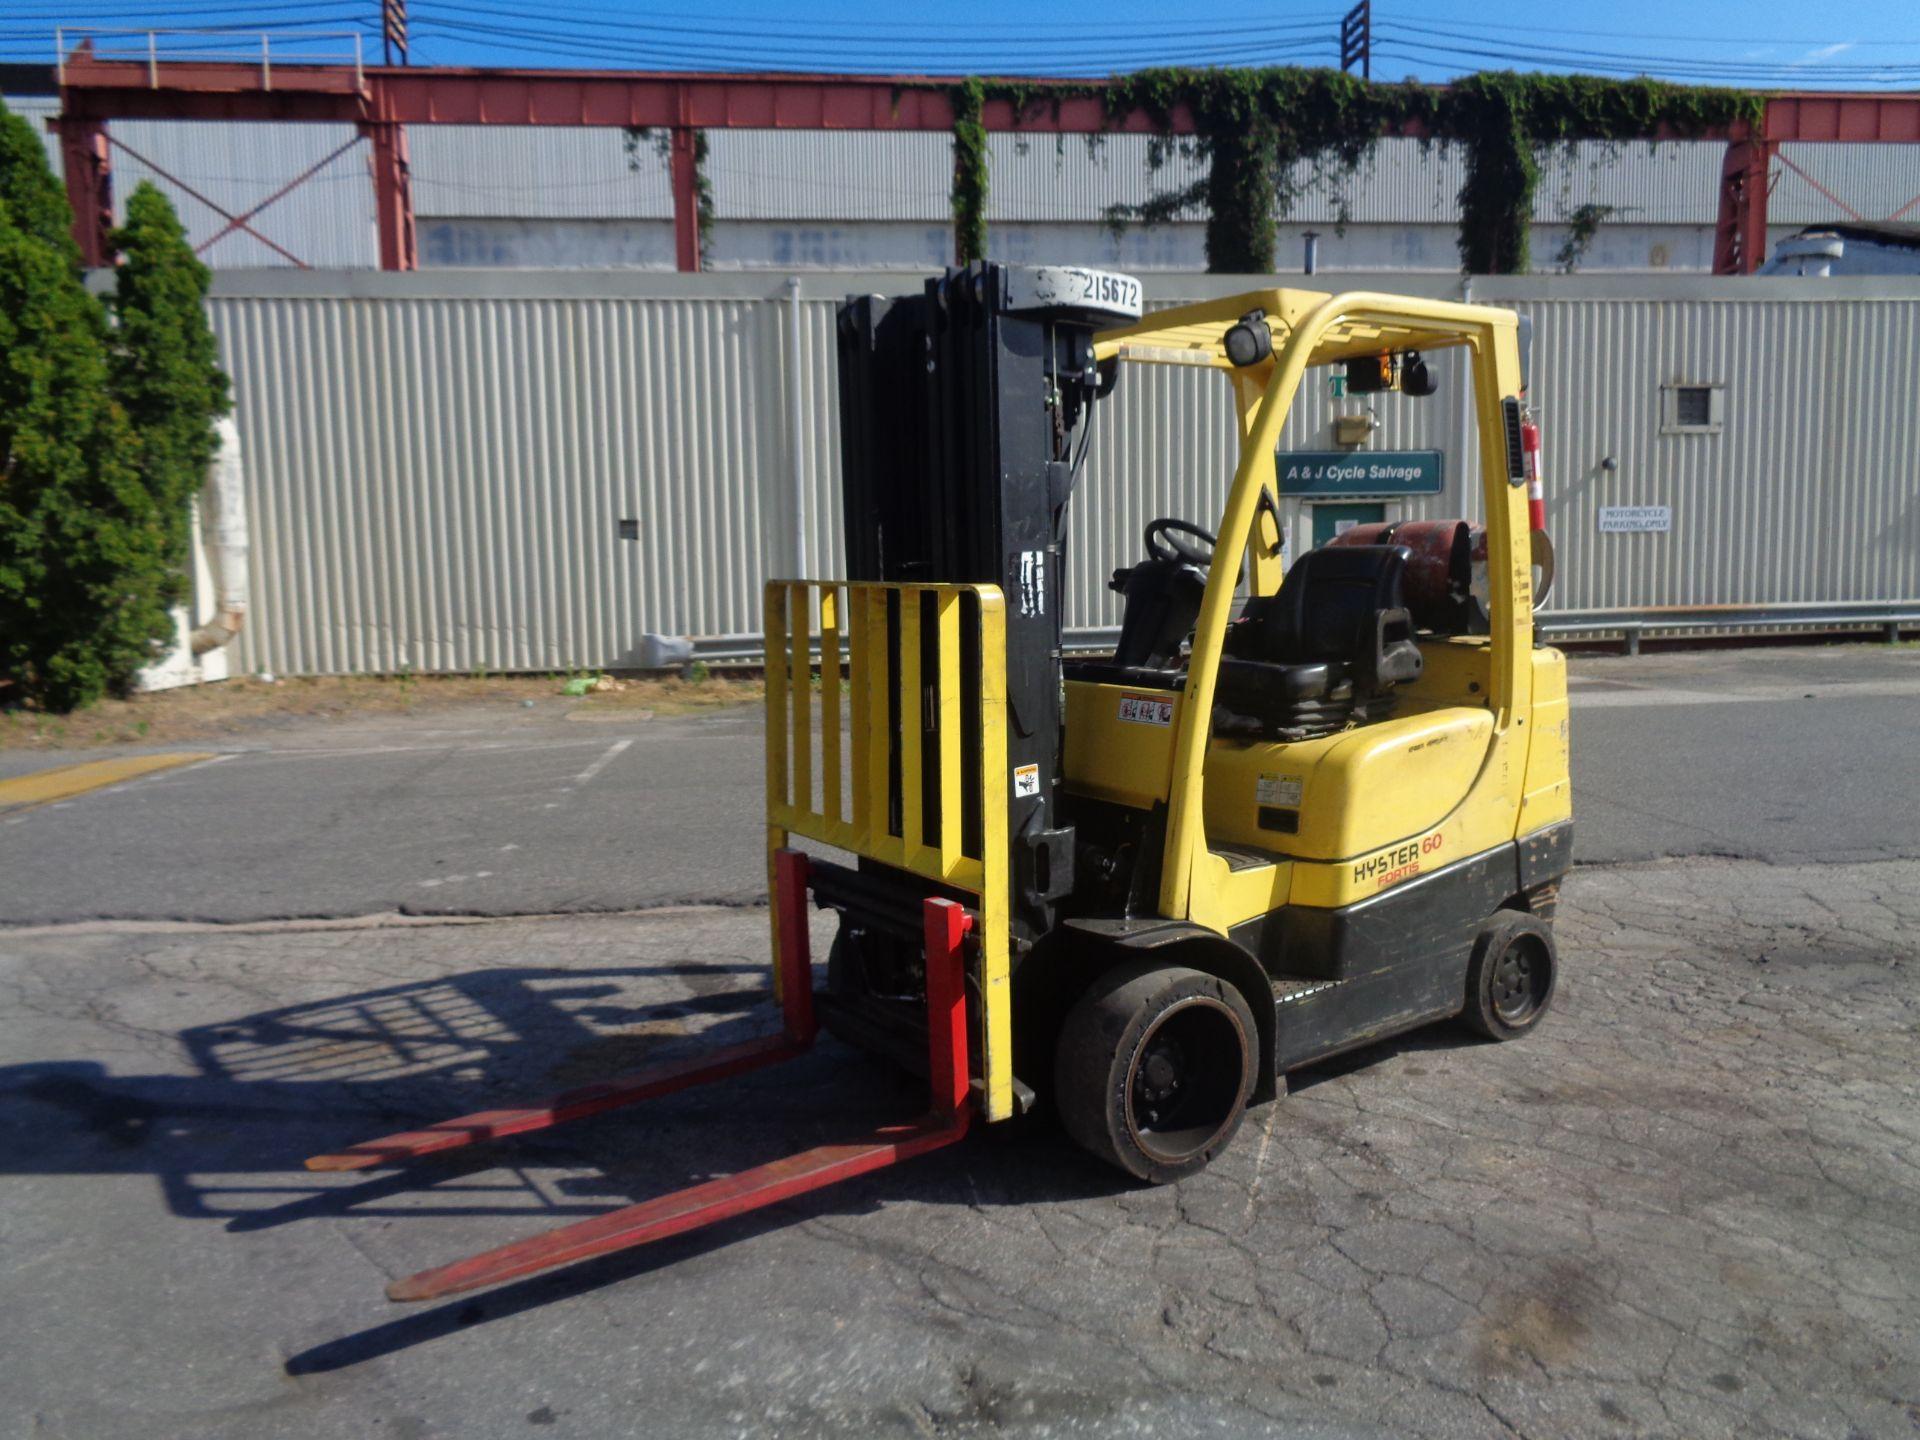 2012 Hyster S60FT 6,000lb Forklift - Quad Mast - Image 5 of 13